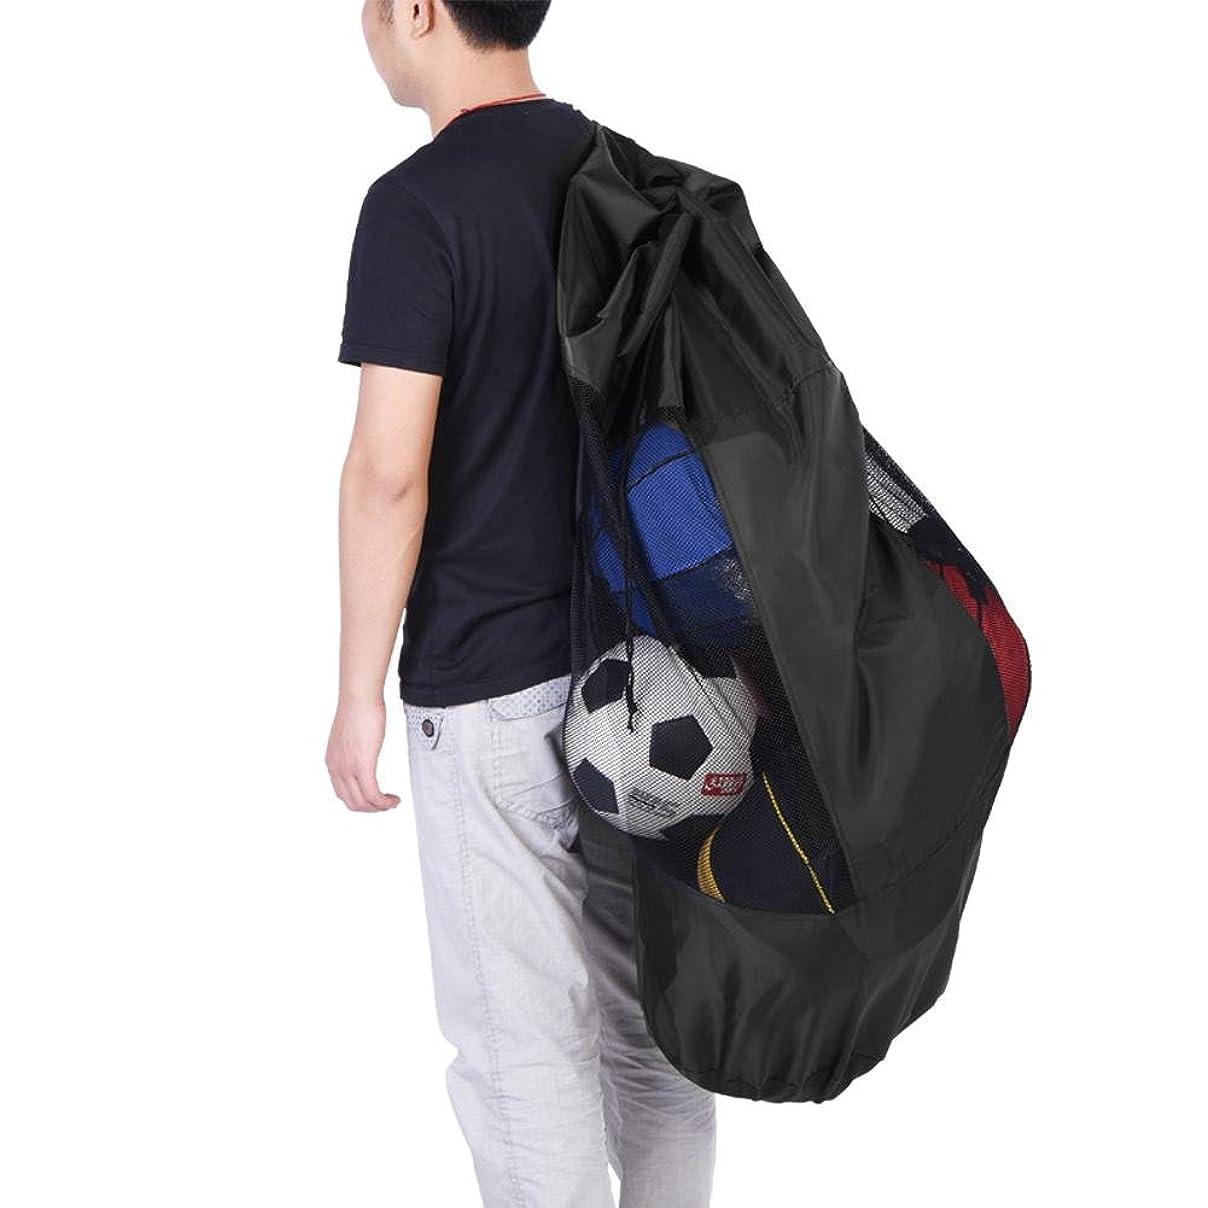 永遠にの量皮肉なボールバッグ 収納袋 バッグ メッシュ オックスフォード 防水防湿 大容量 丈夫 厚手のストラップ 持ち運び便利 バスケットボール/サッカー/バレーボール用 学校 部活 …